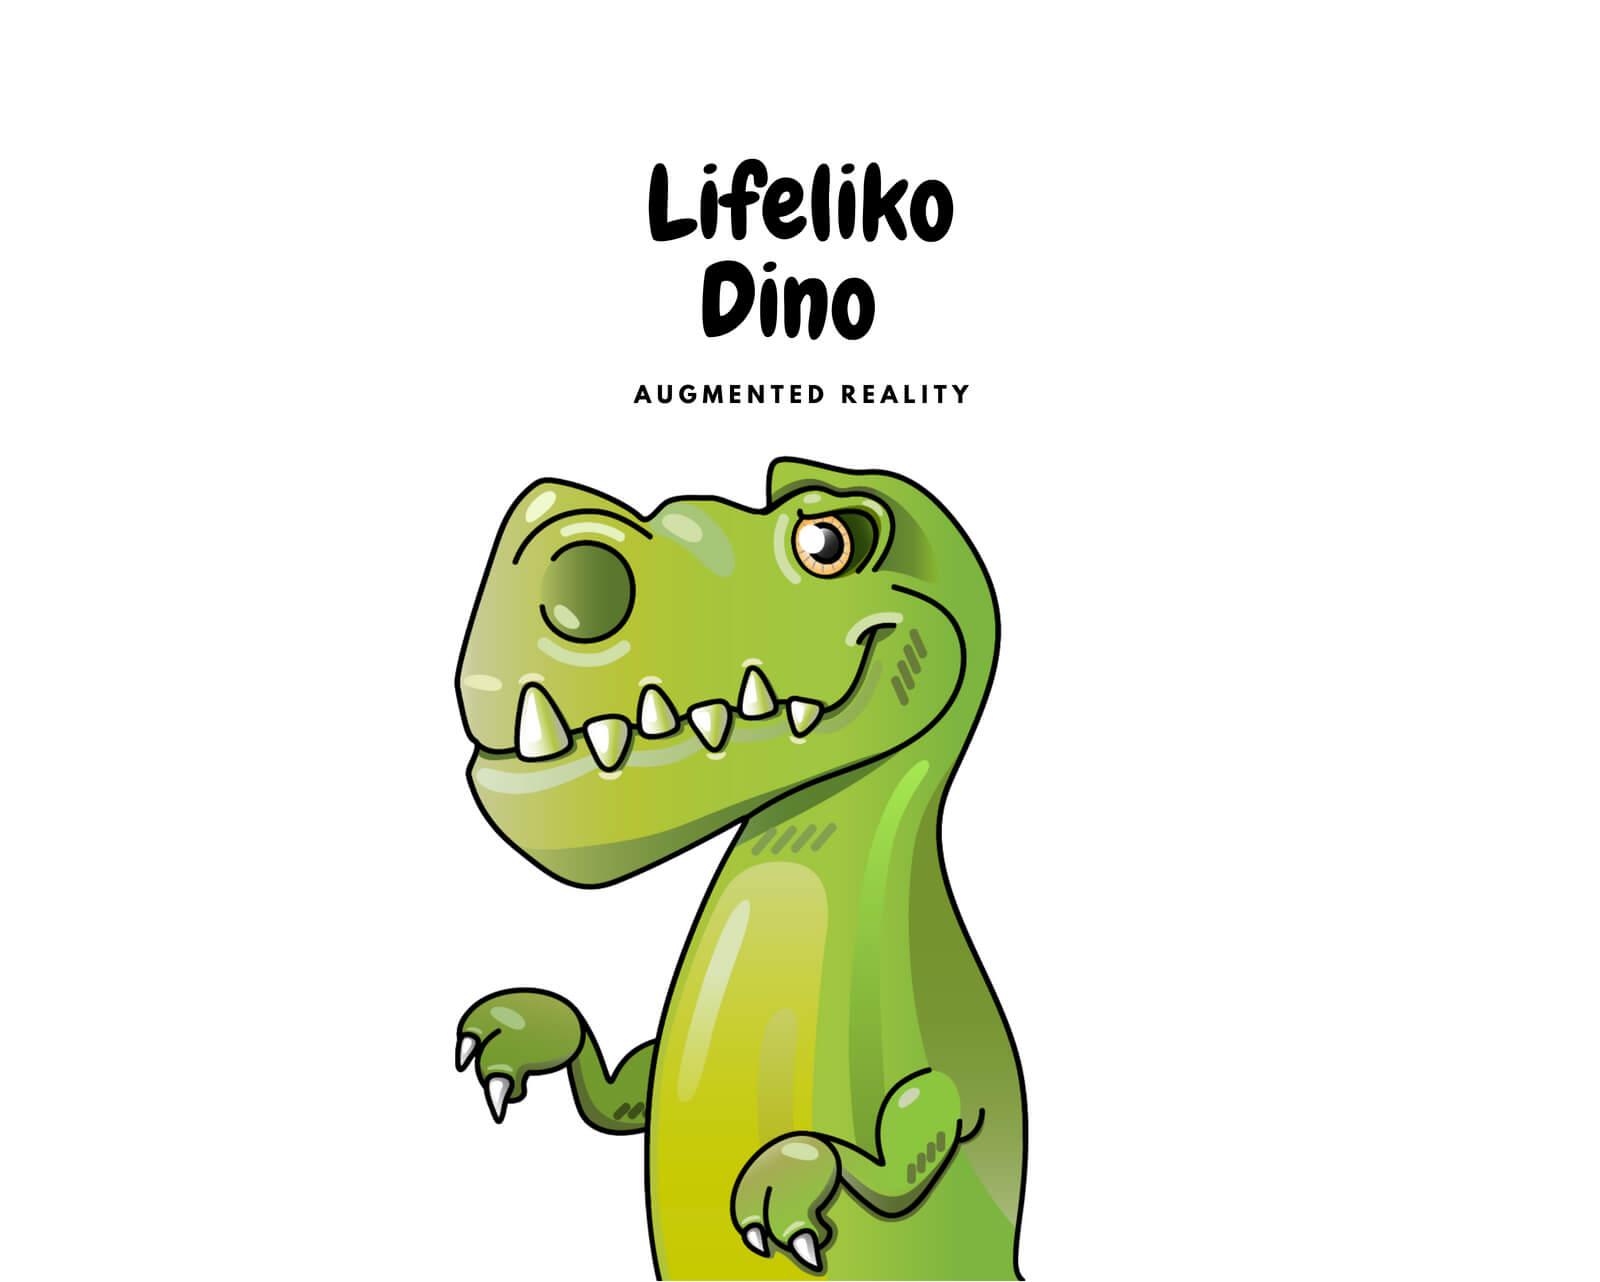 Lifeliko Dino App – Lifeliko